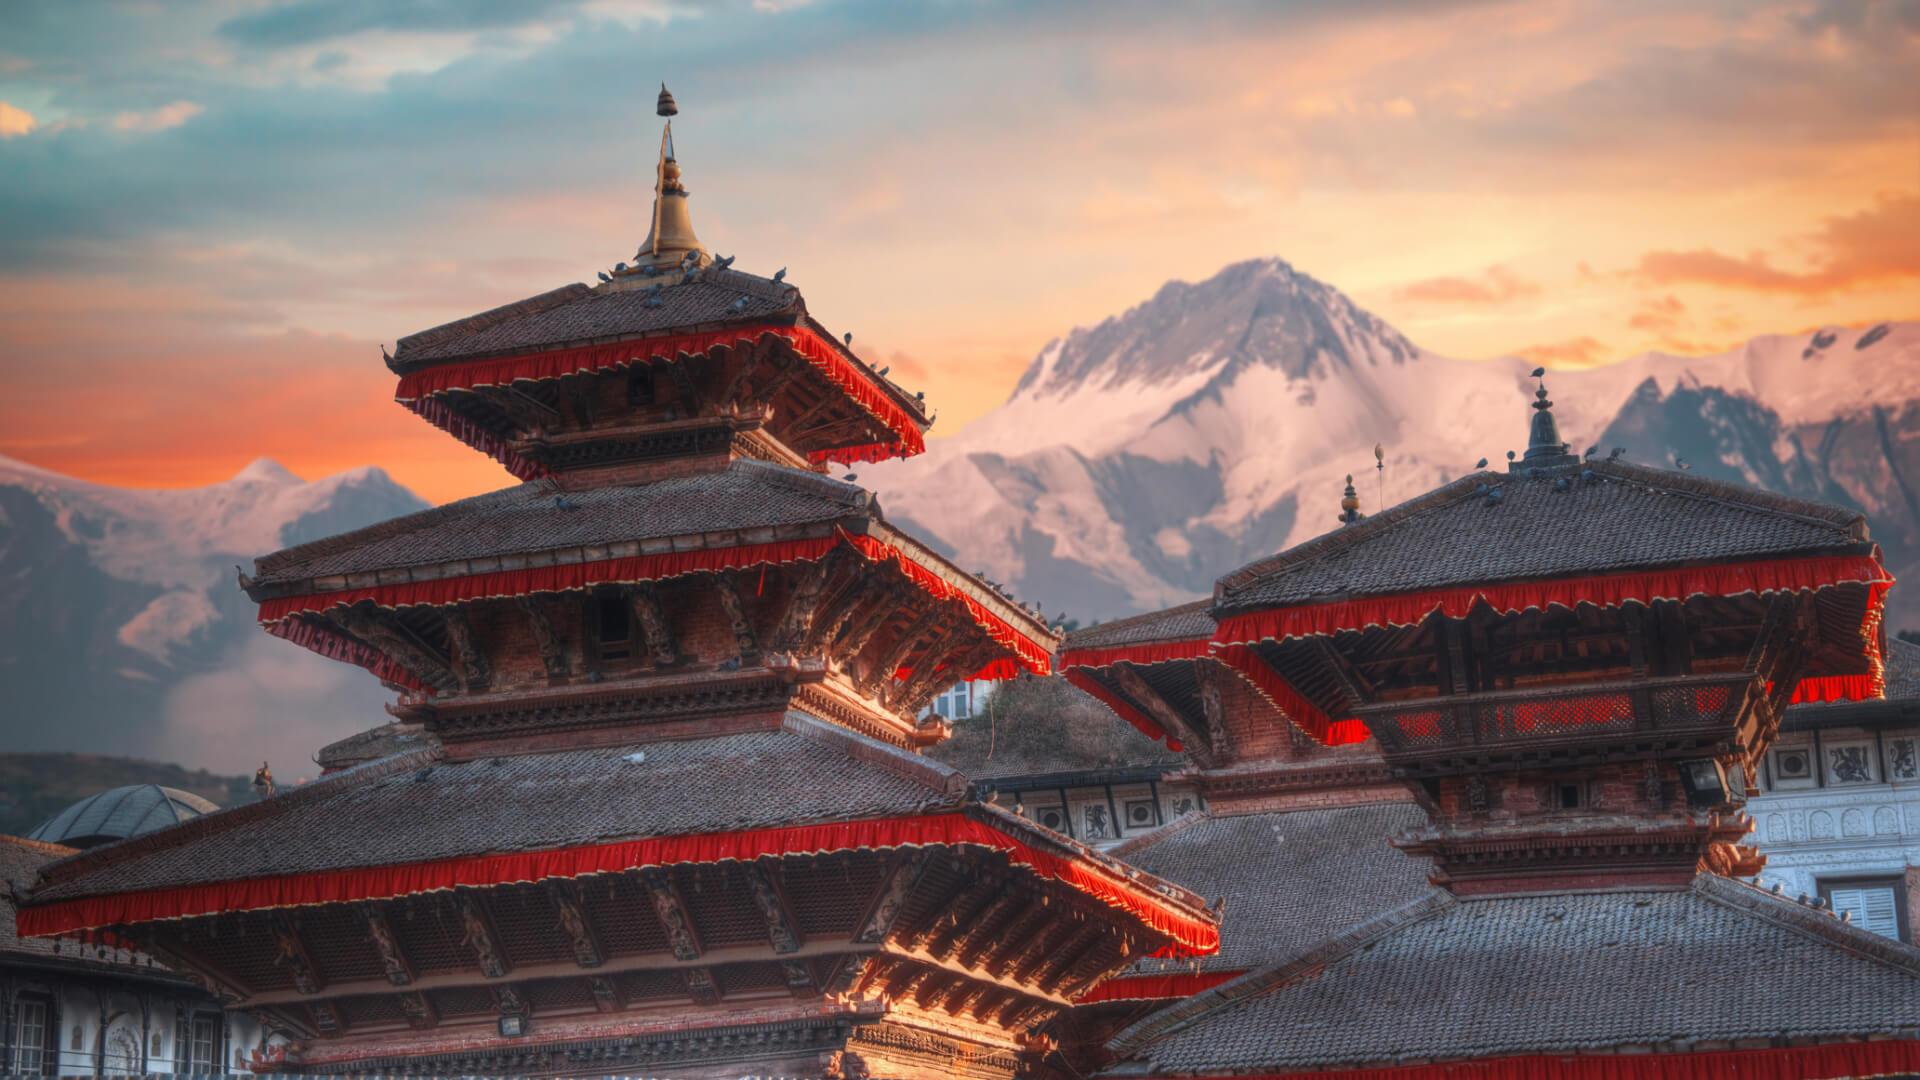 Güler Yüzlü İnsanların Ülkesine Yolculuk: Nepal